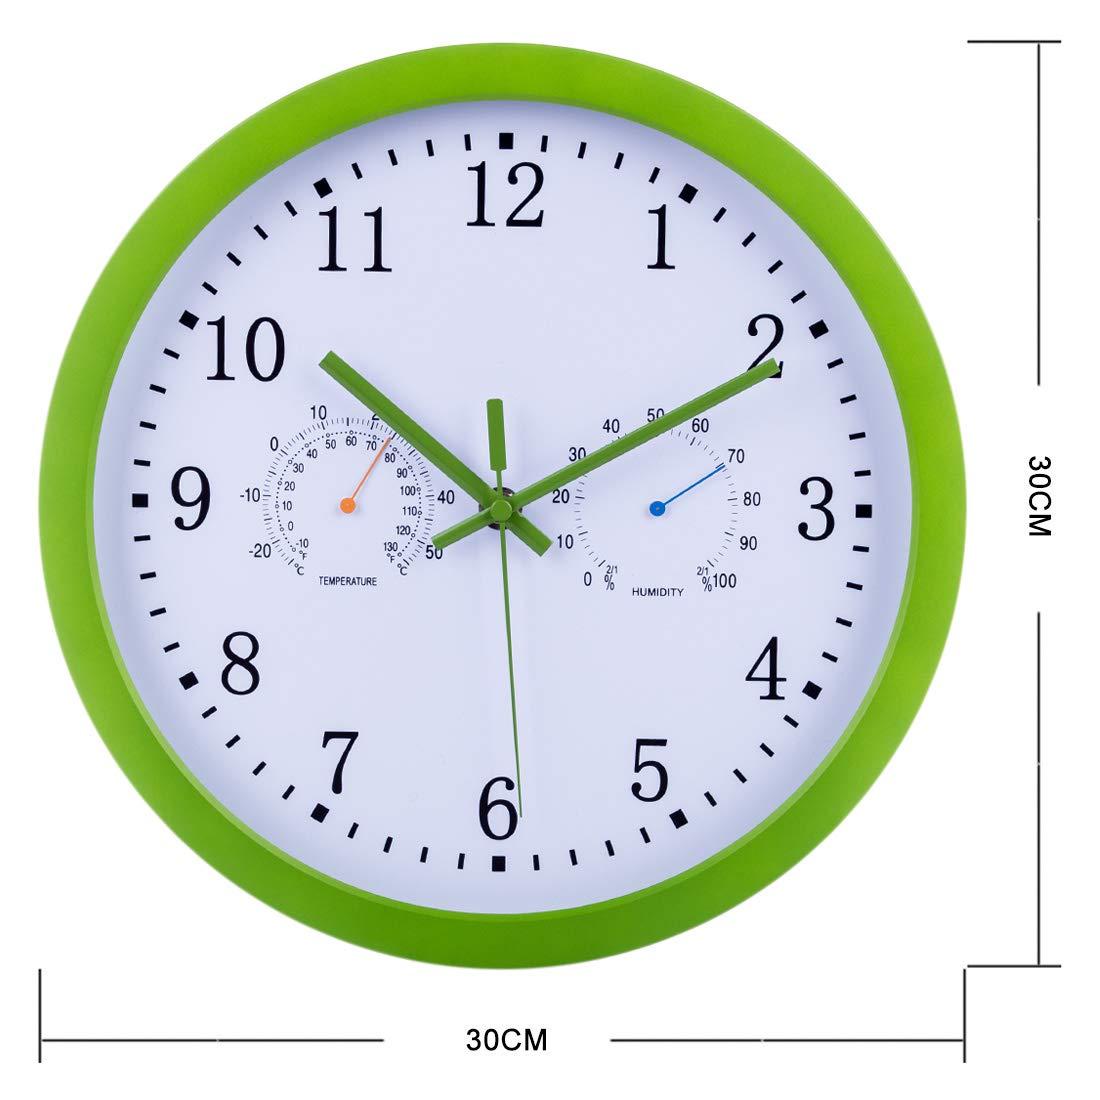 TETAKE Radio Pilot/ée Horloge Murale Silencieuse 12 Radio Contr/ôl/ée Pendule Murales Changement Heure Automatique Temp/érature Hygrom/ètre Affichage pour Cuisine//Chambre//Salon//Bureau